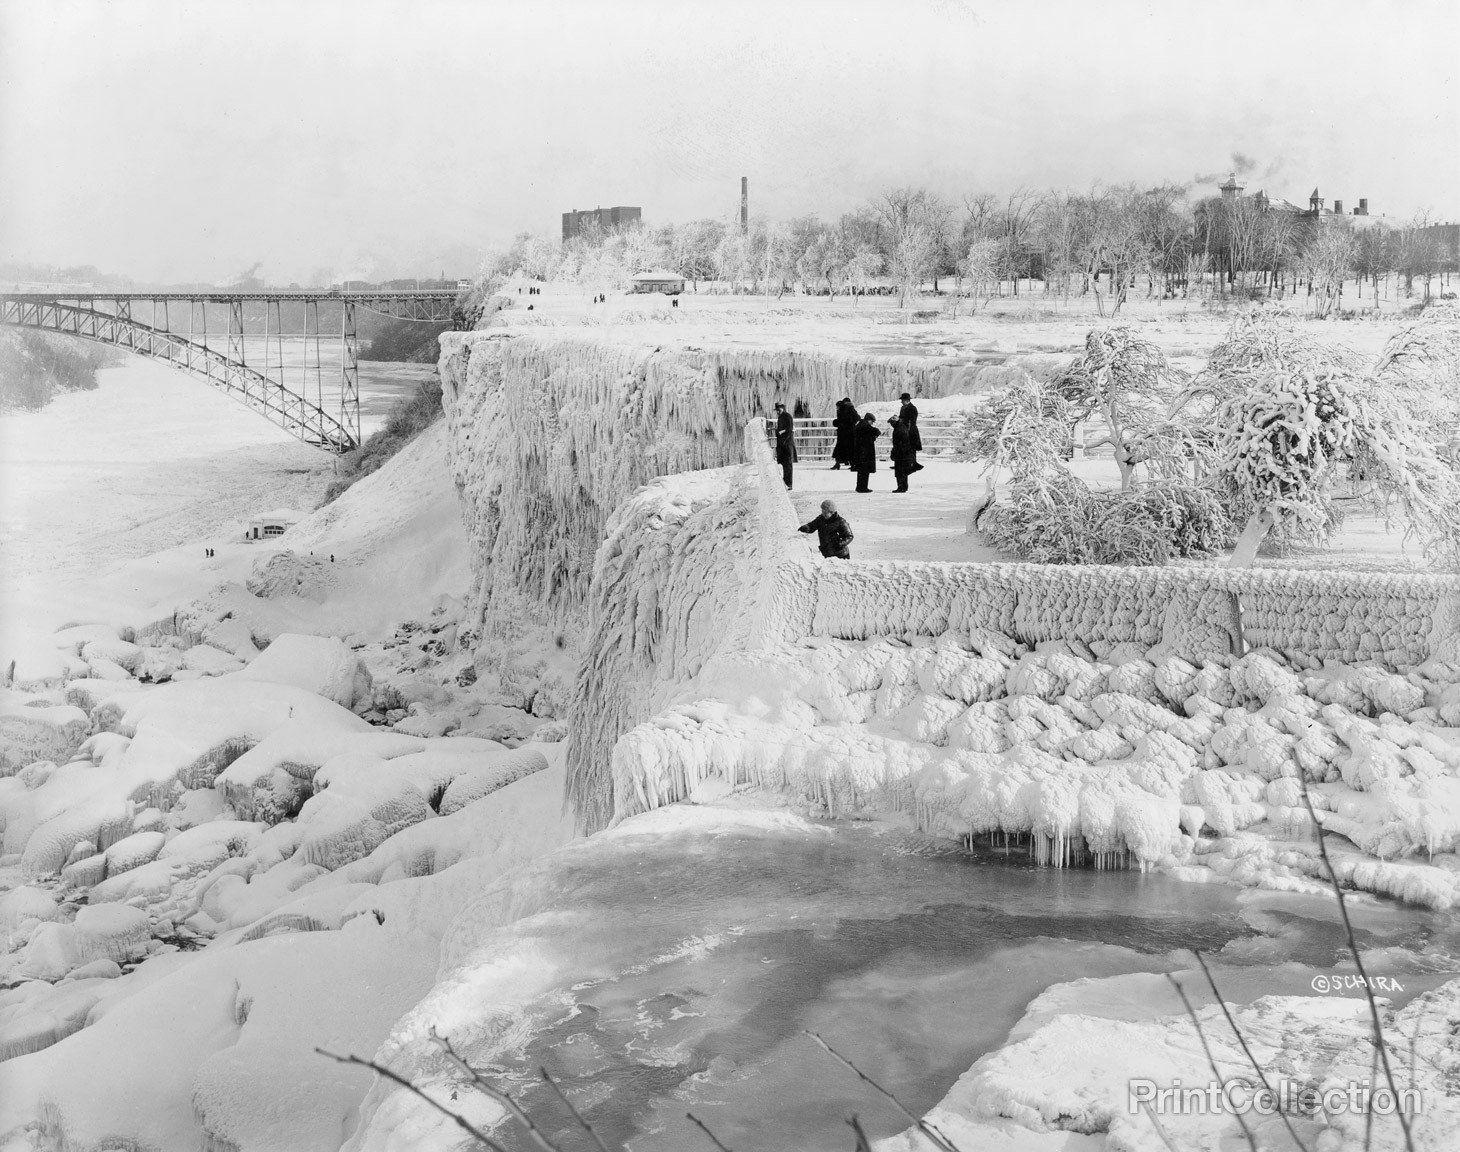 Print Collection Niagara Falls Frozen Over 1933 In 2019